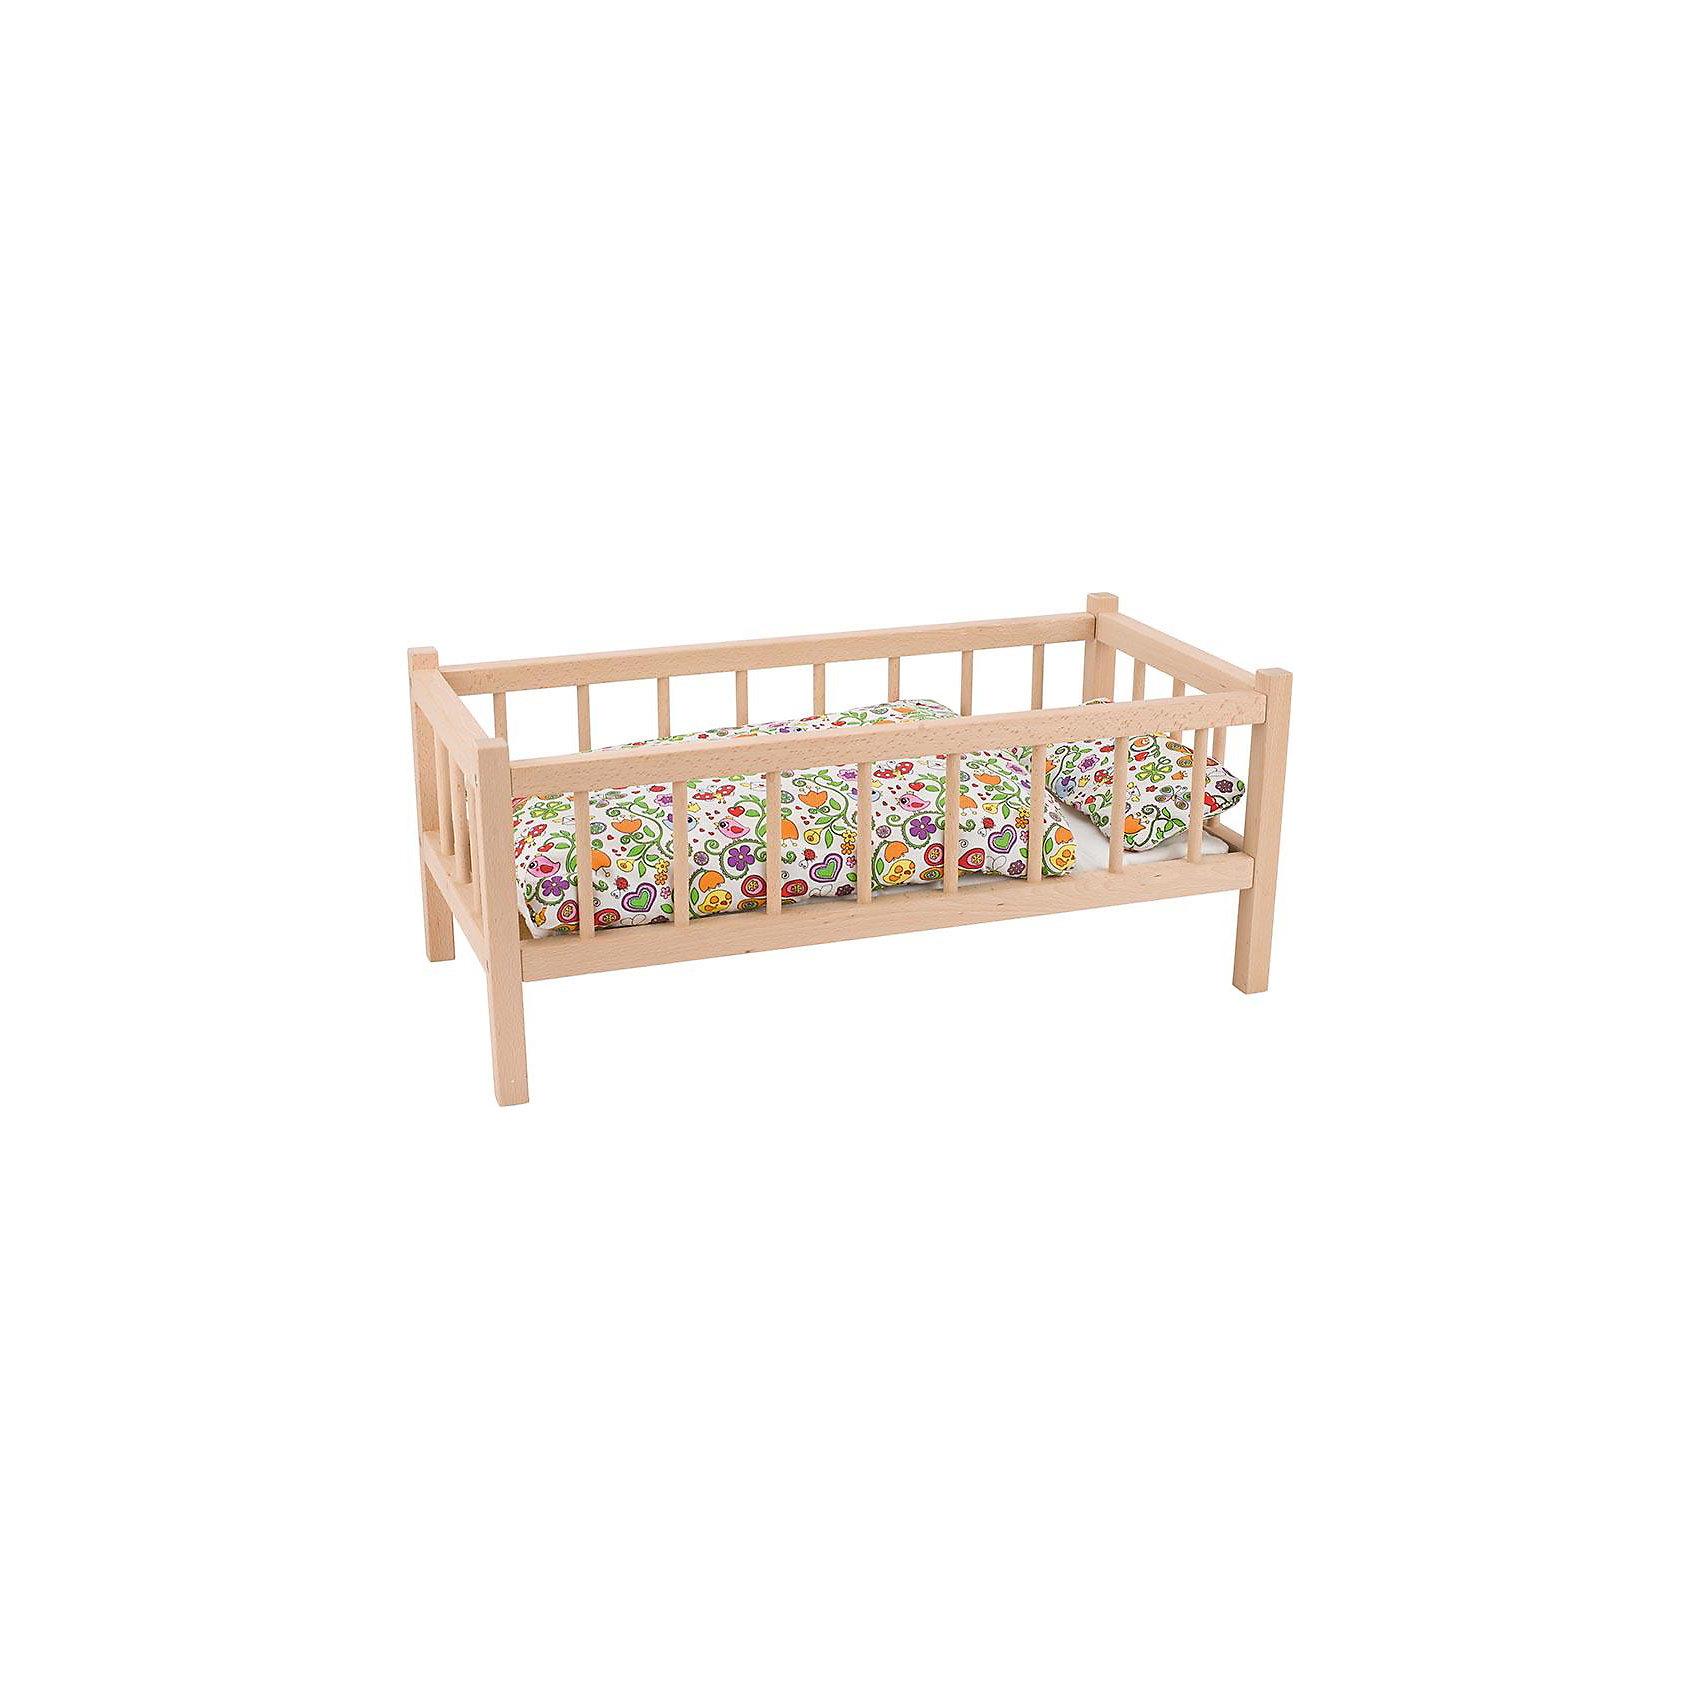 Кроватка для кукол, бук, gokiДомики и мебель<br>Характеристики товара:<br><br>- цвет: бук;<br>- материал: дерево;<br>- возраст: от трех лет;<br>- размер упаковки: 60х29х25.<br><br>ВНИМАНИЕ! Кроватка продается без постельных принадлежностей.<br><br>Эта симпатичная деревянная кроватка приводит детей в восторг! Какая девочка сможет отказаться поиграть с куклами, которые имеют кровать, так похожую на настоящую?! Игрушка очень качественно выполнена, поэтому она станет замечательным подарком ребенку. <br>Игры с куклами помогают девочкам развить важные навыки и отработать модели социального взаимодействия. Изделие произведено из высококачественного материала, безопасного для детей.<br><br>Кроватку для кукол, бук, от бренда GOKI можно купить в нашем интернет-магазине.<br><br>Ширина мм: 600<br>Глубина мм: 290<br>Высота мм: 250<br>Вес г: 2100<br>Возраст от месяцев: 36<br>Возраст до месяцев: 144<br>Пол: Женский<br>Возраст: Детский<br>SKU: 5155303